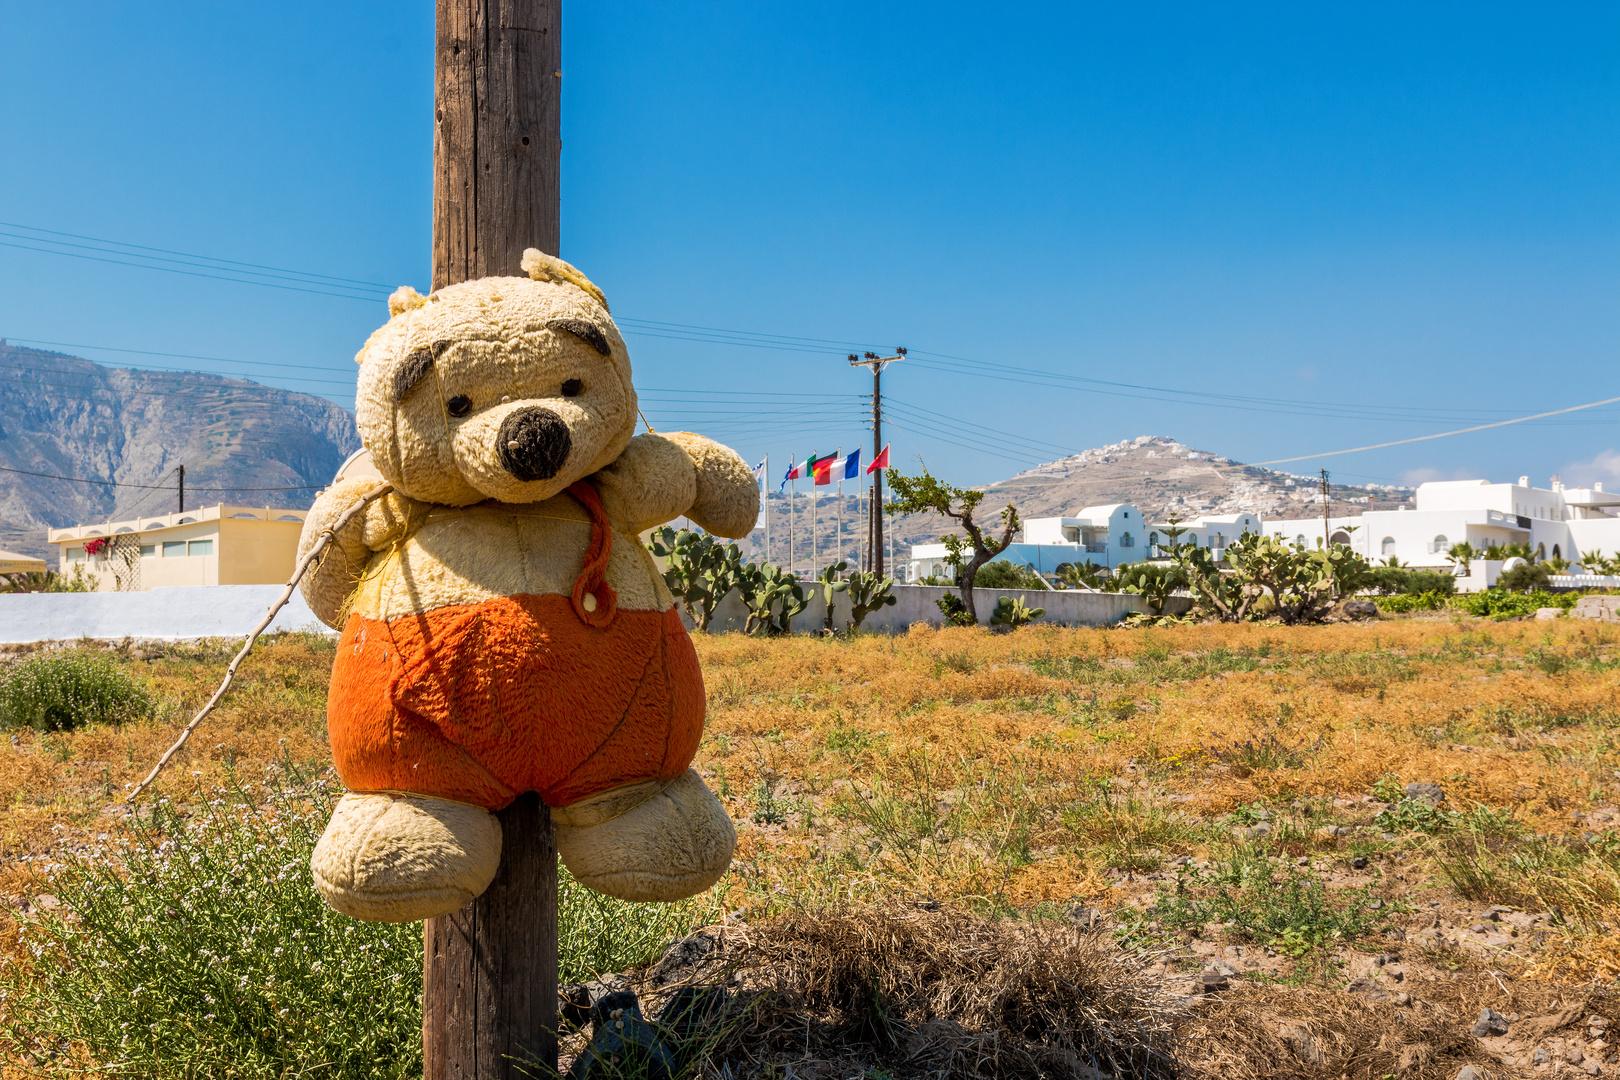 Armer Teddy!